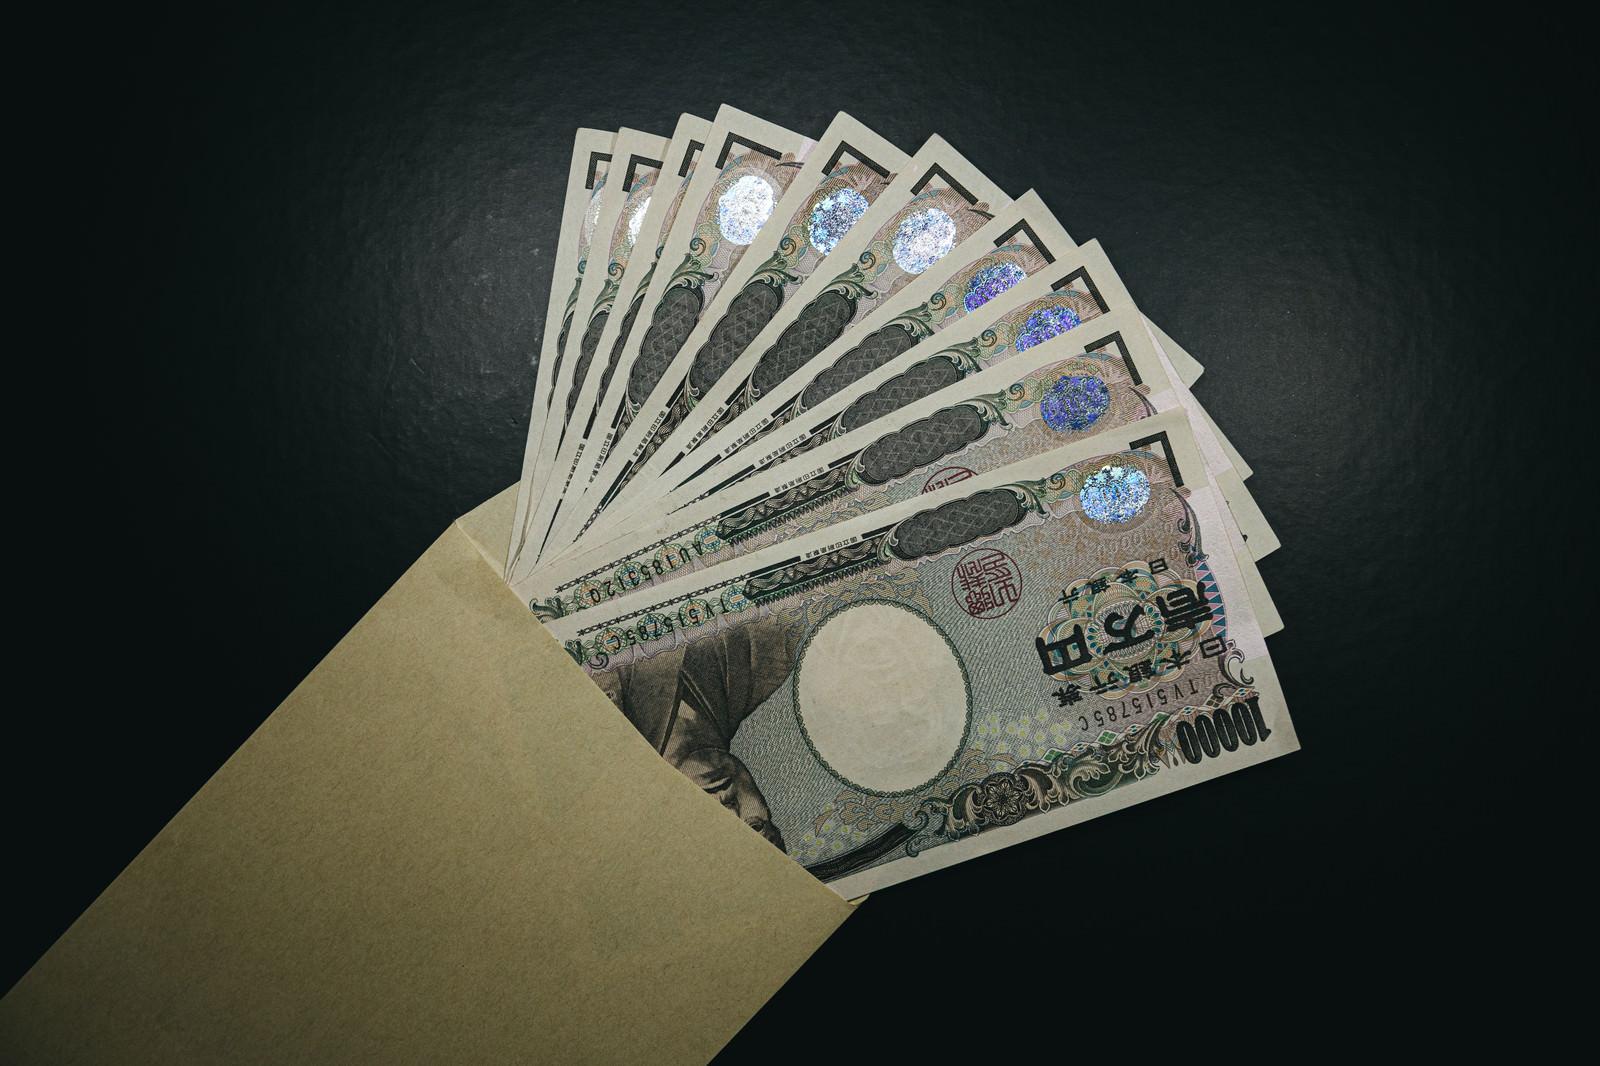 「封筒を開けたら10万円が入っていた」の写真